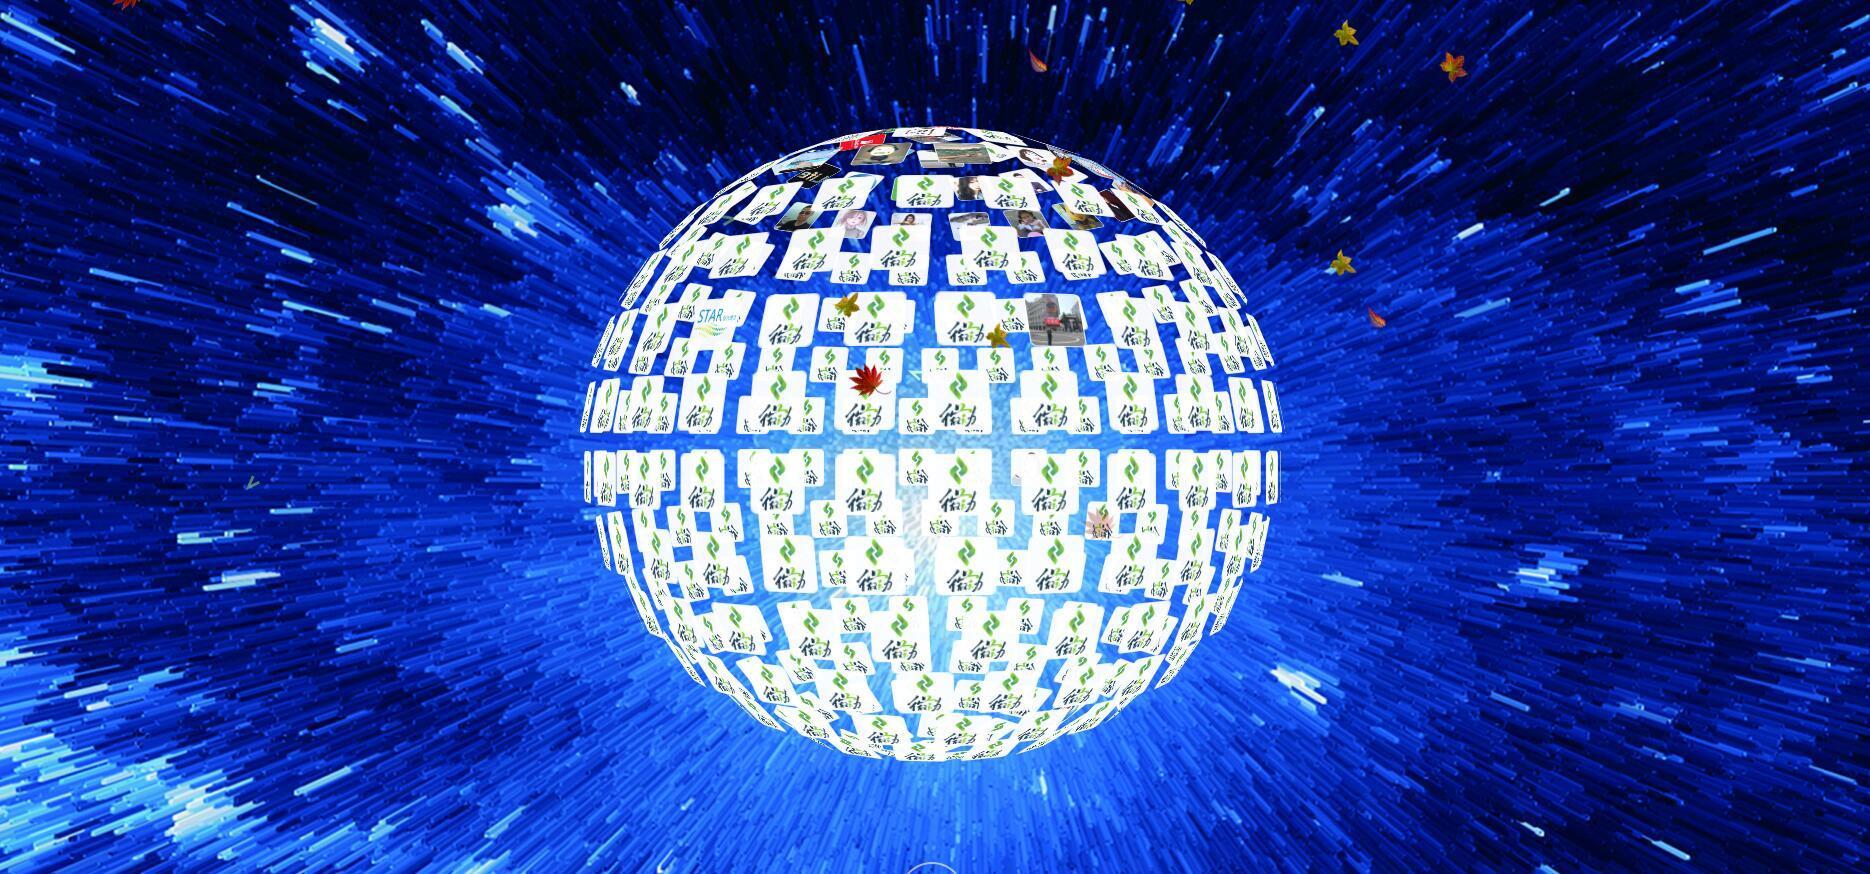 微會動:移動互聯網信息技術促進會議會展活動現-夢之網科技